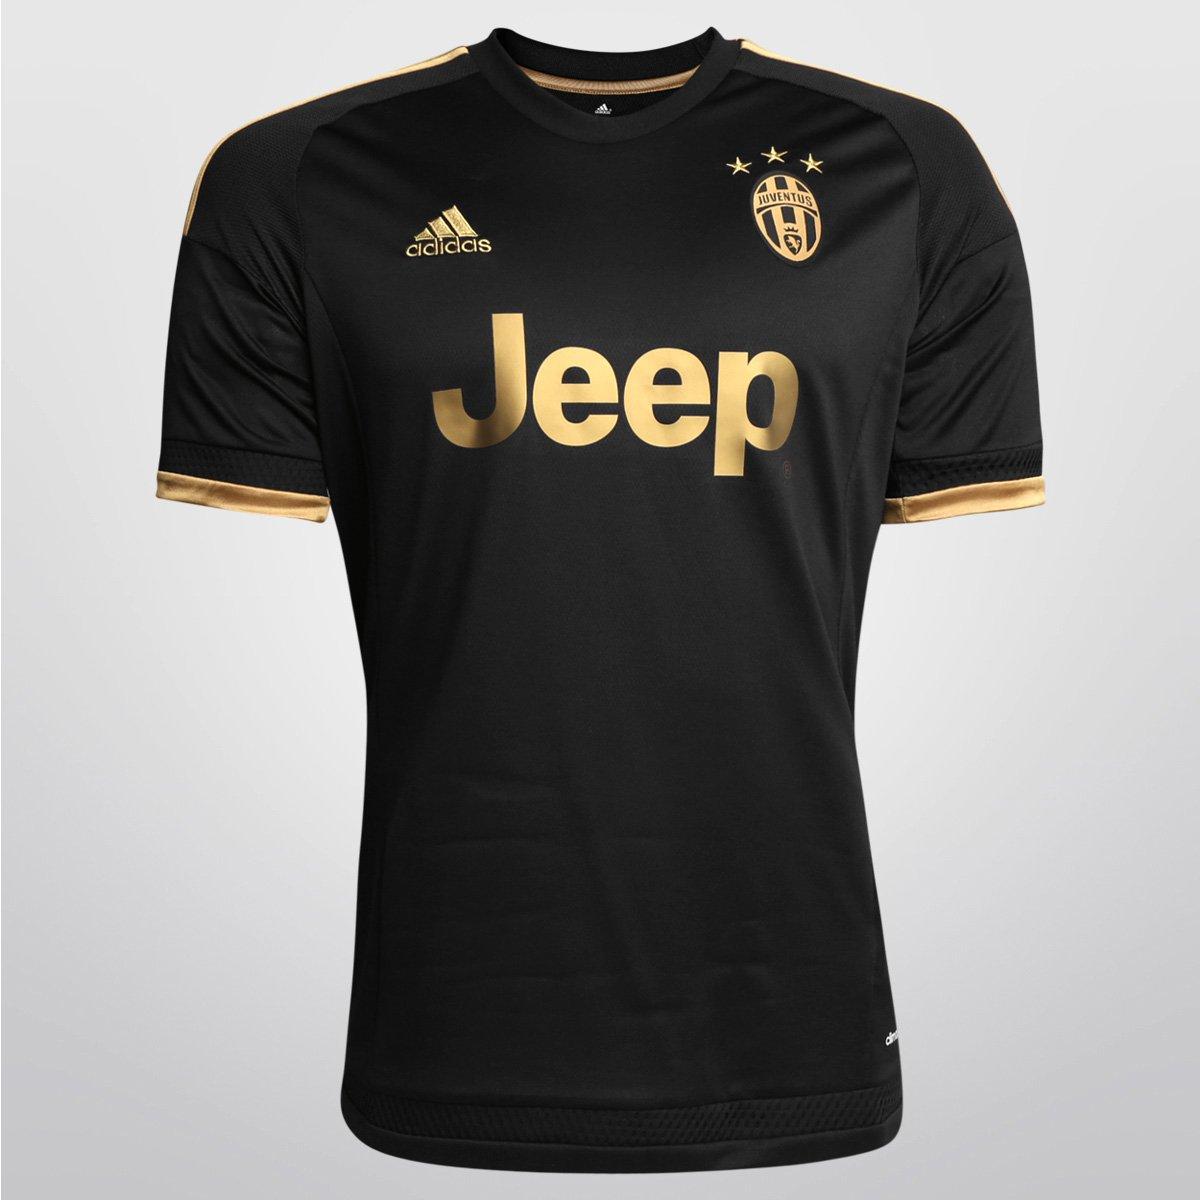 Camisa Adidas Juventus Third 15 16 s nº - Compre Agora  13f7eec814d84